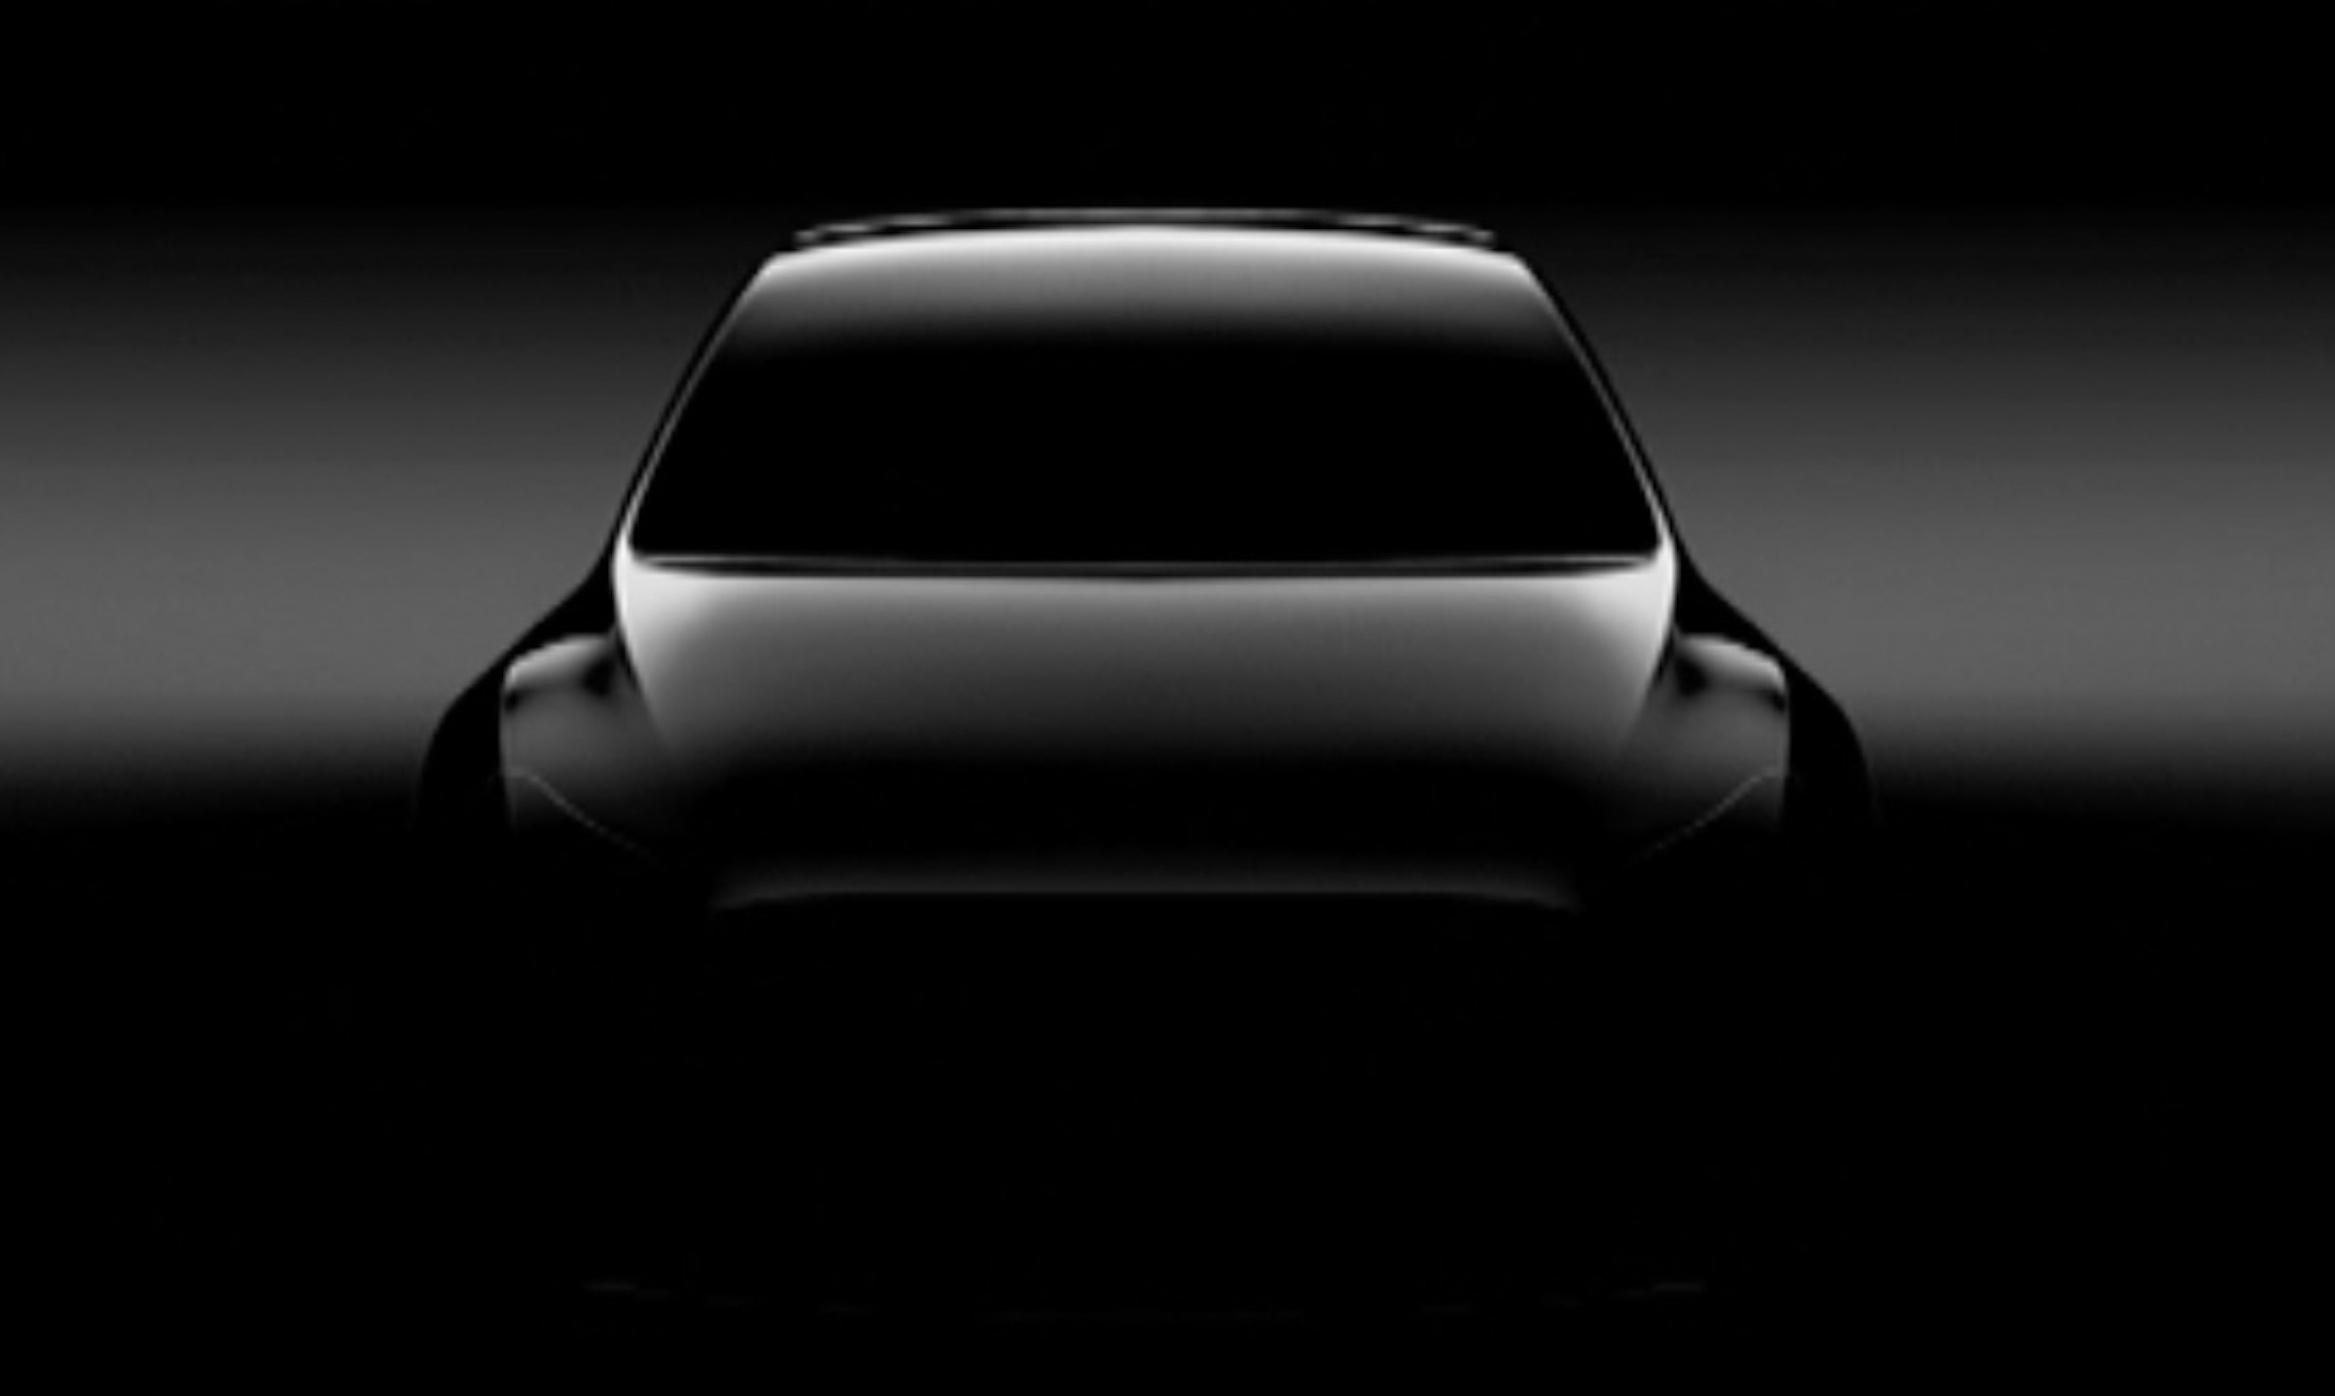 Tesla показала новое тизерное изображение кроссовера Model Y